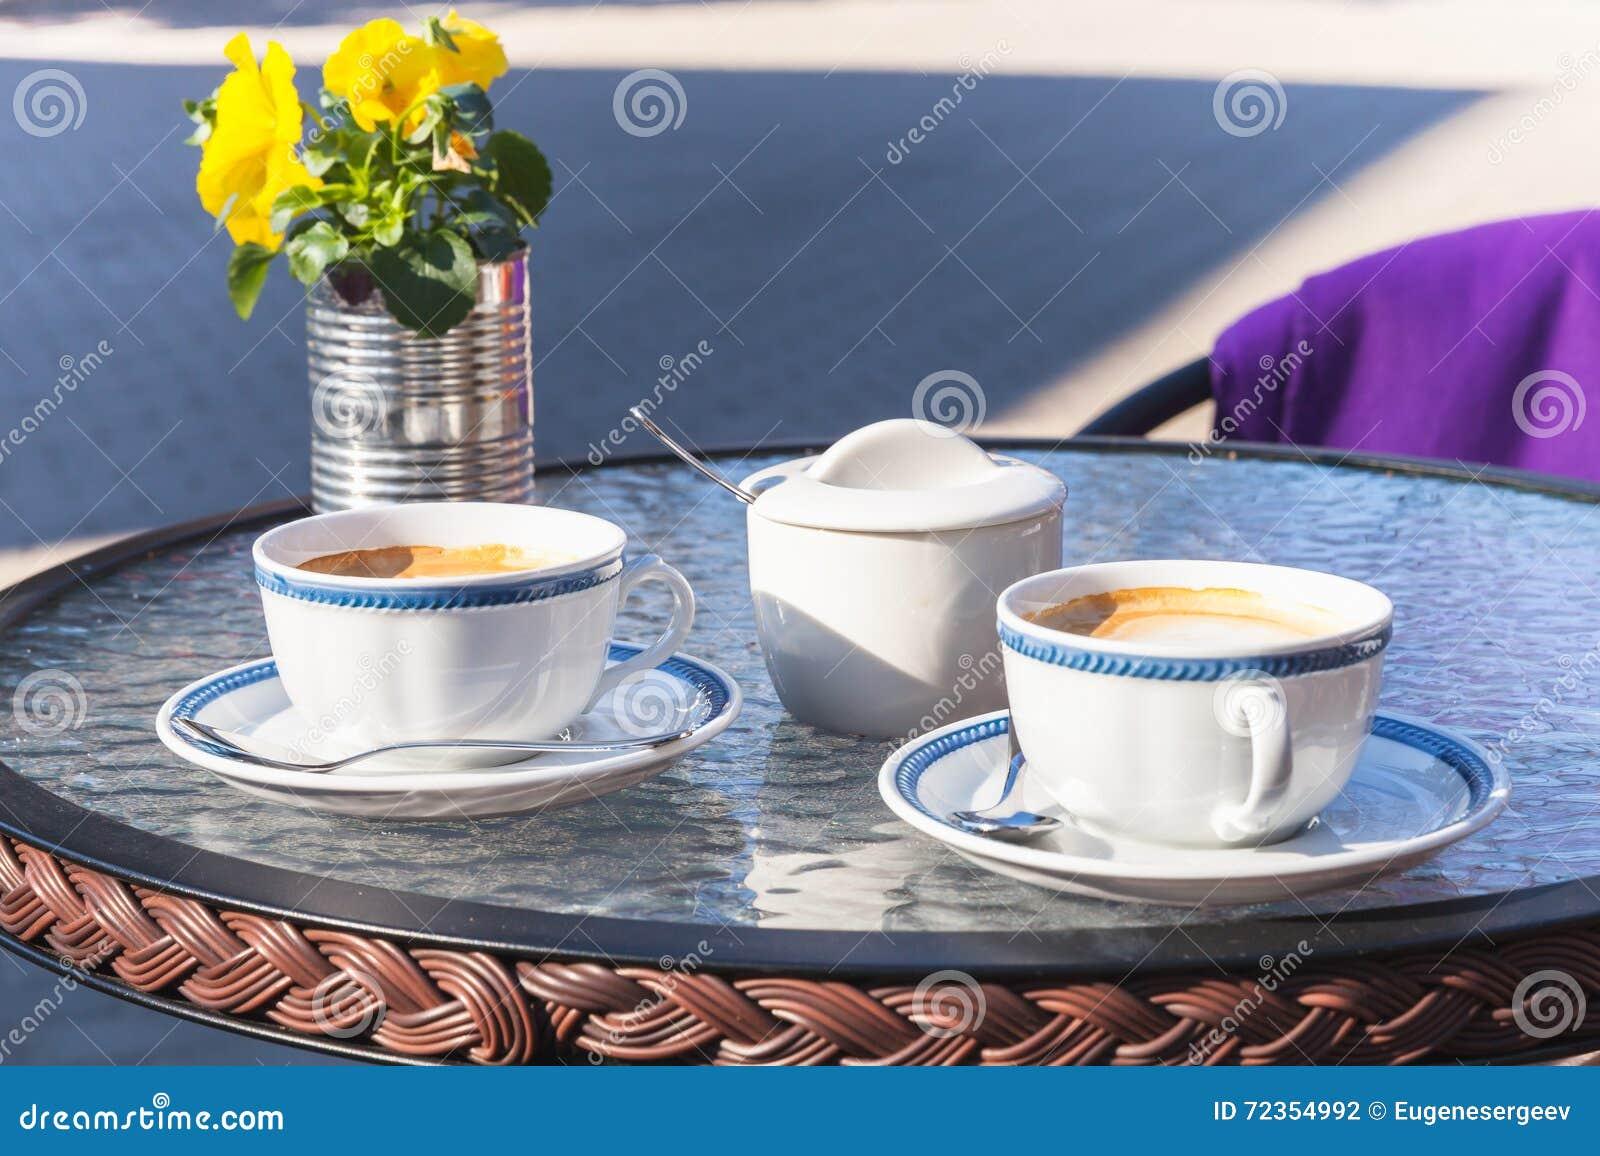 两个杯子在玻璃桌上的热奶咖啡立场